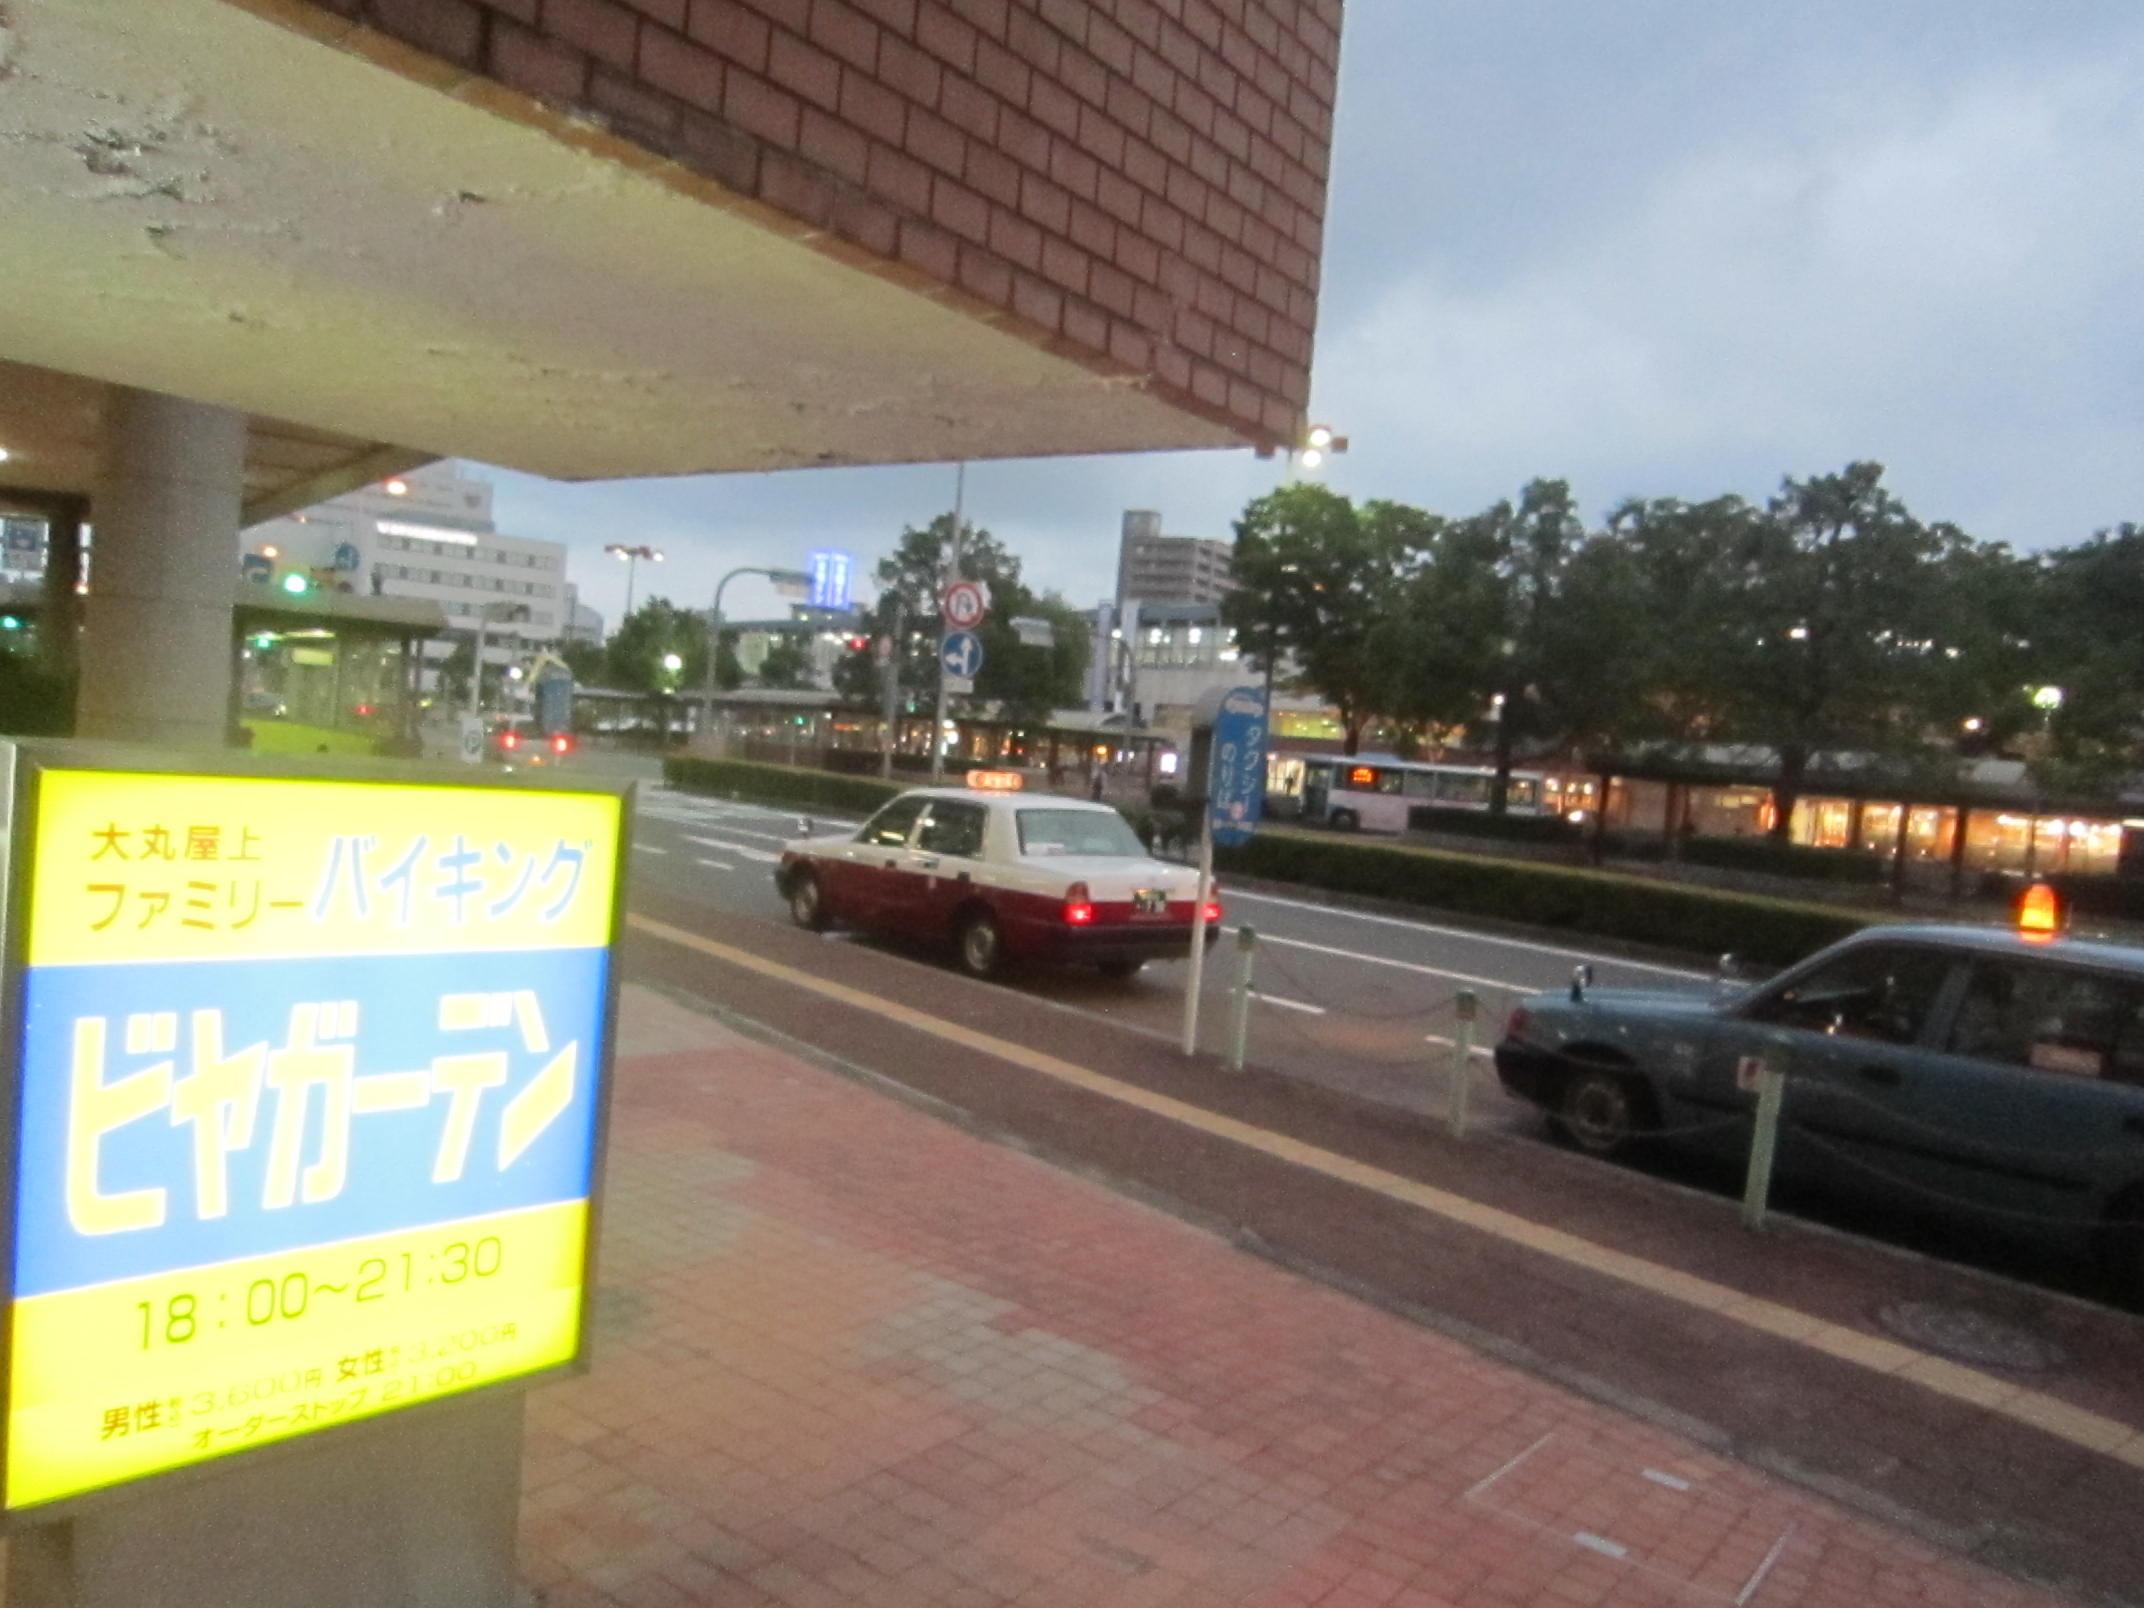 雨の屋上ビアガーデン_e0115904_453204.jpg